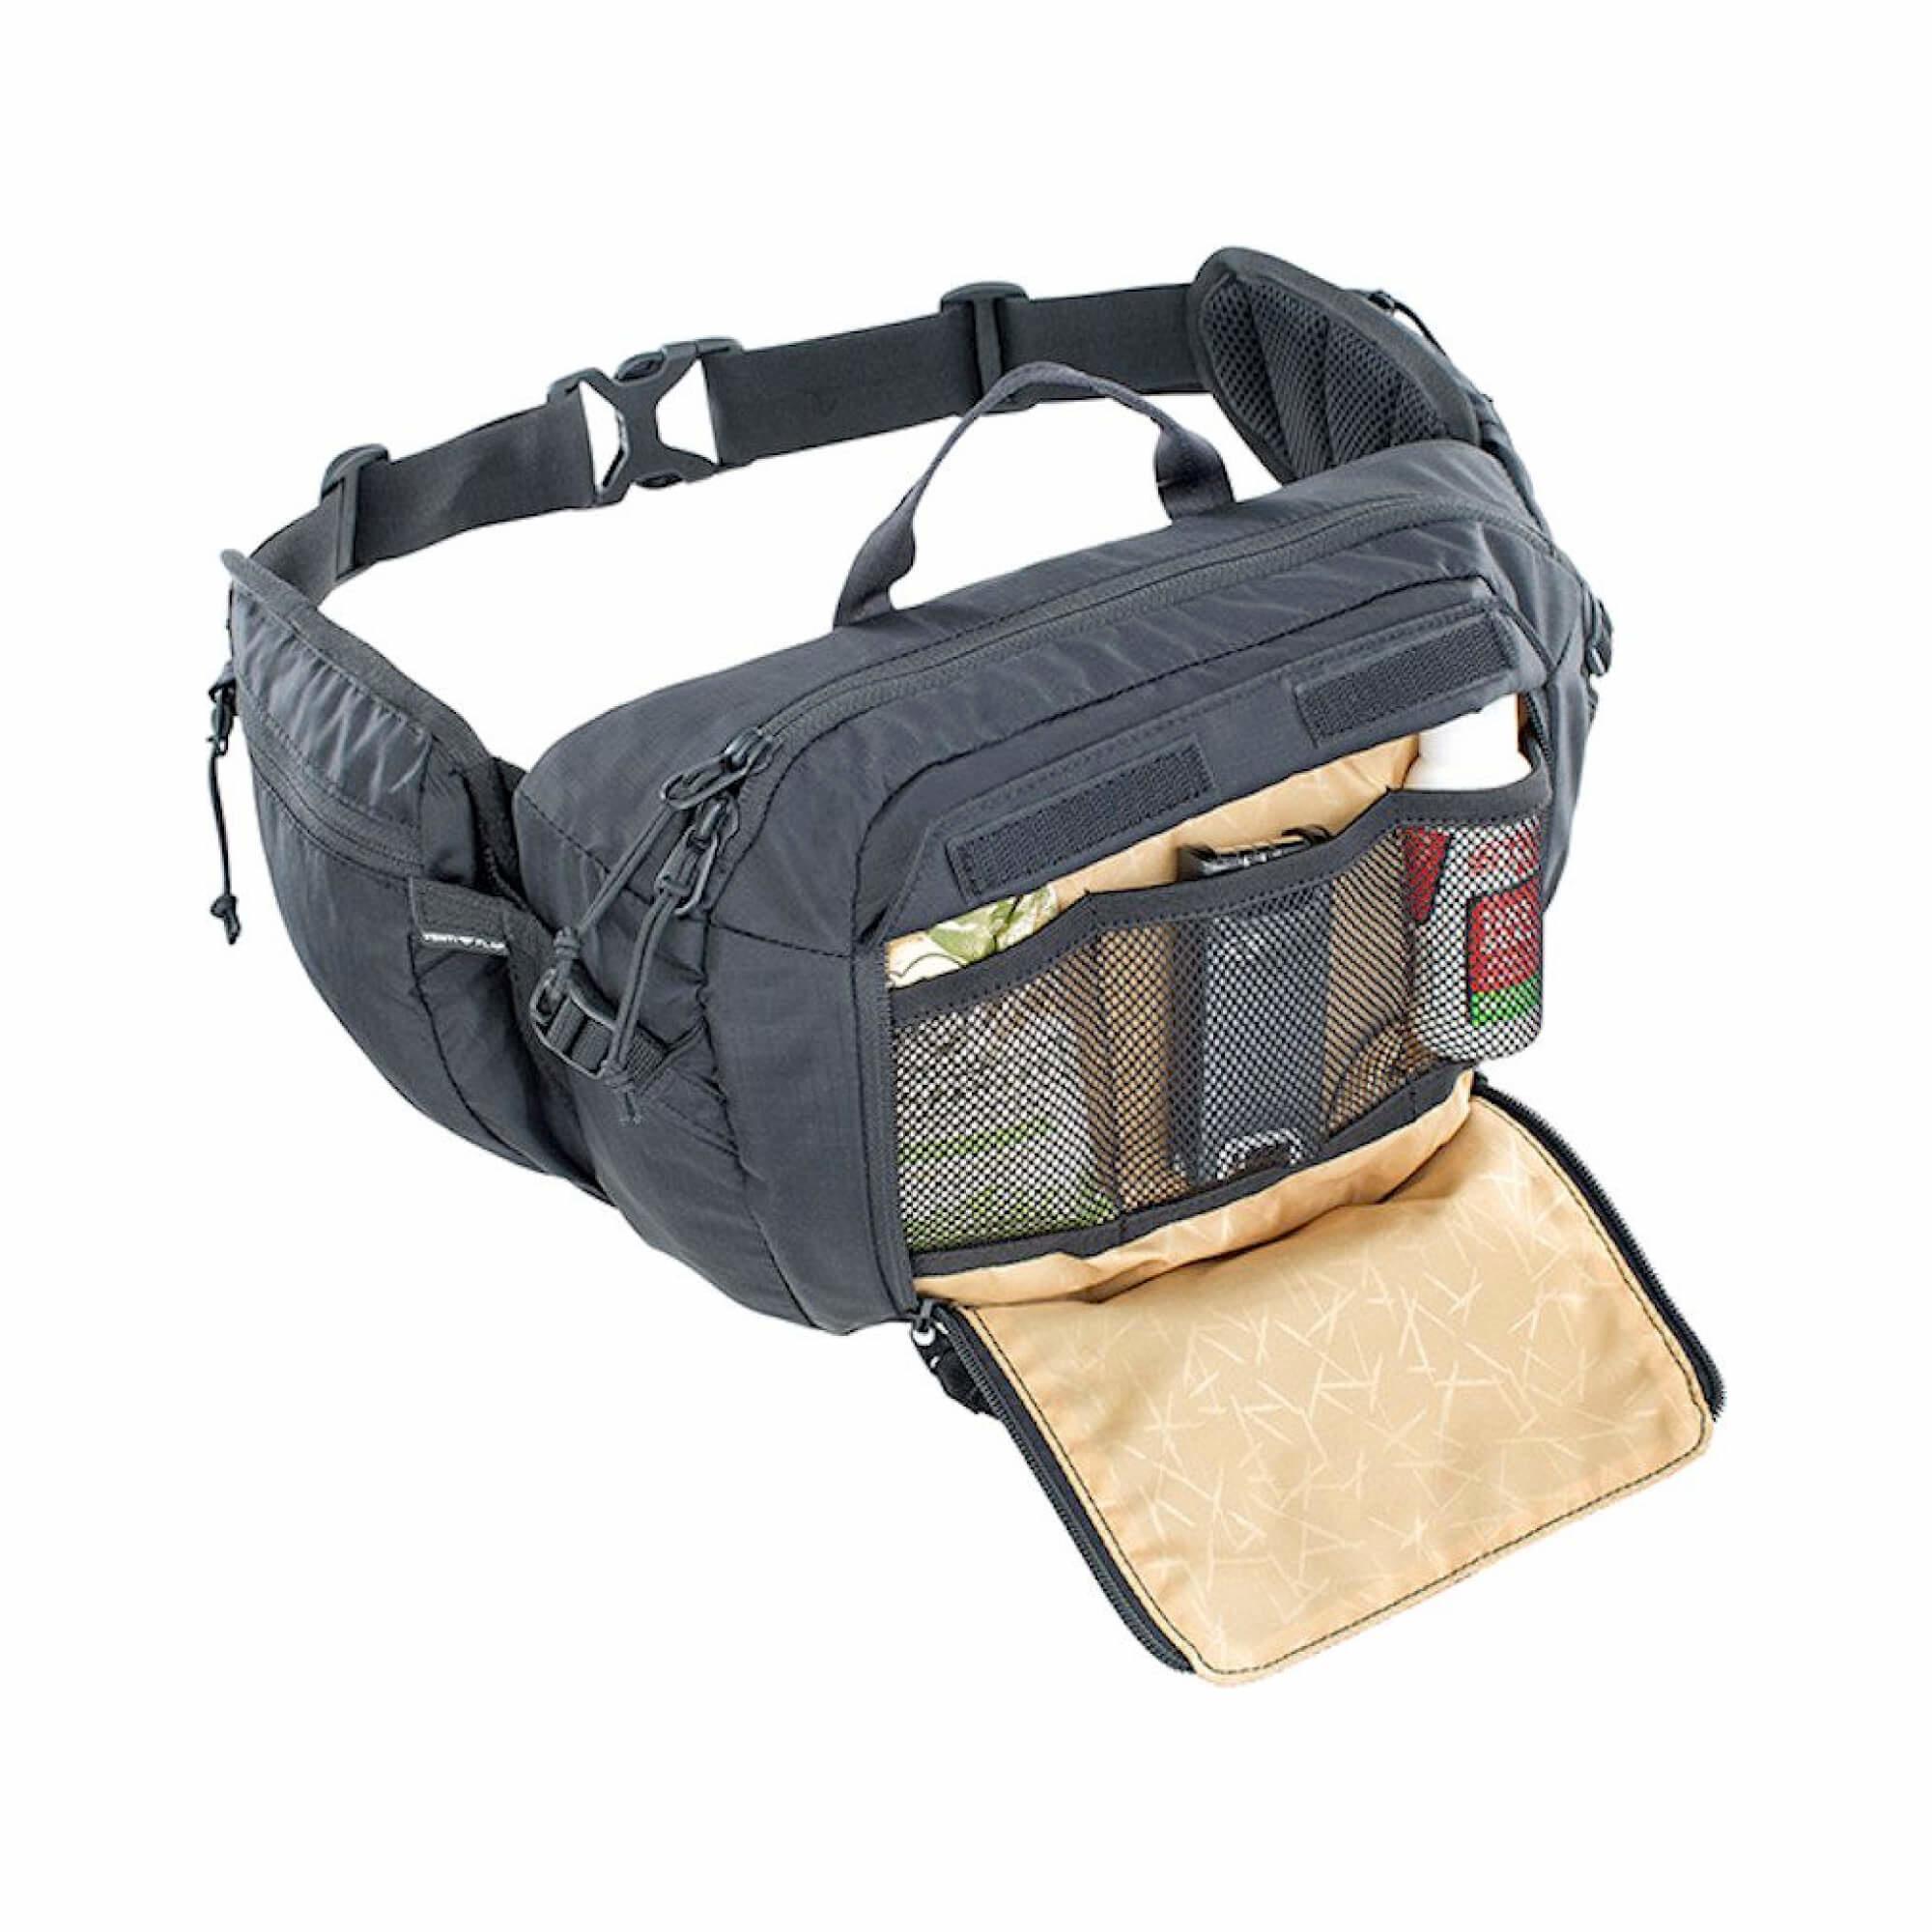 Hip Pack 3L + 1.5L Bladder-5